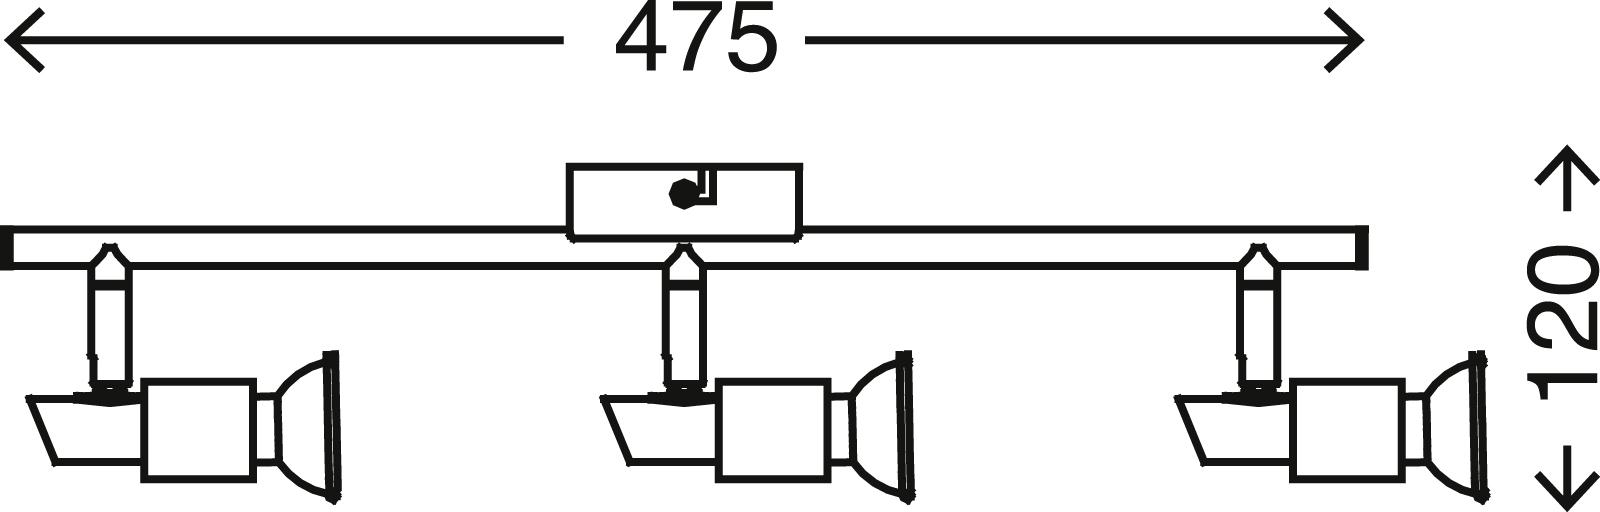 LED Spot Deckenleuchte, 47,5 cm, 9 W, Matt-Nickel